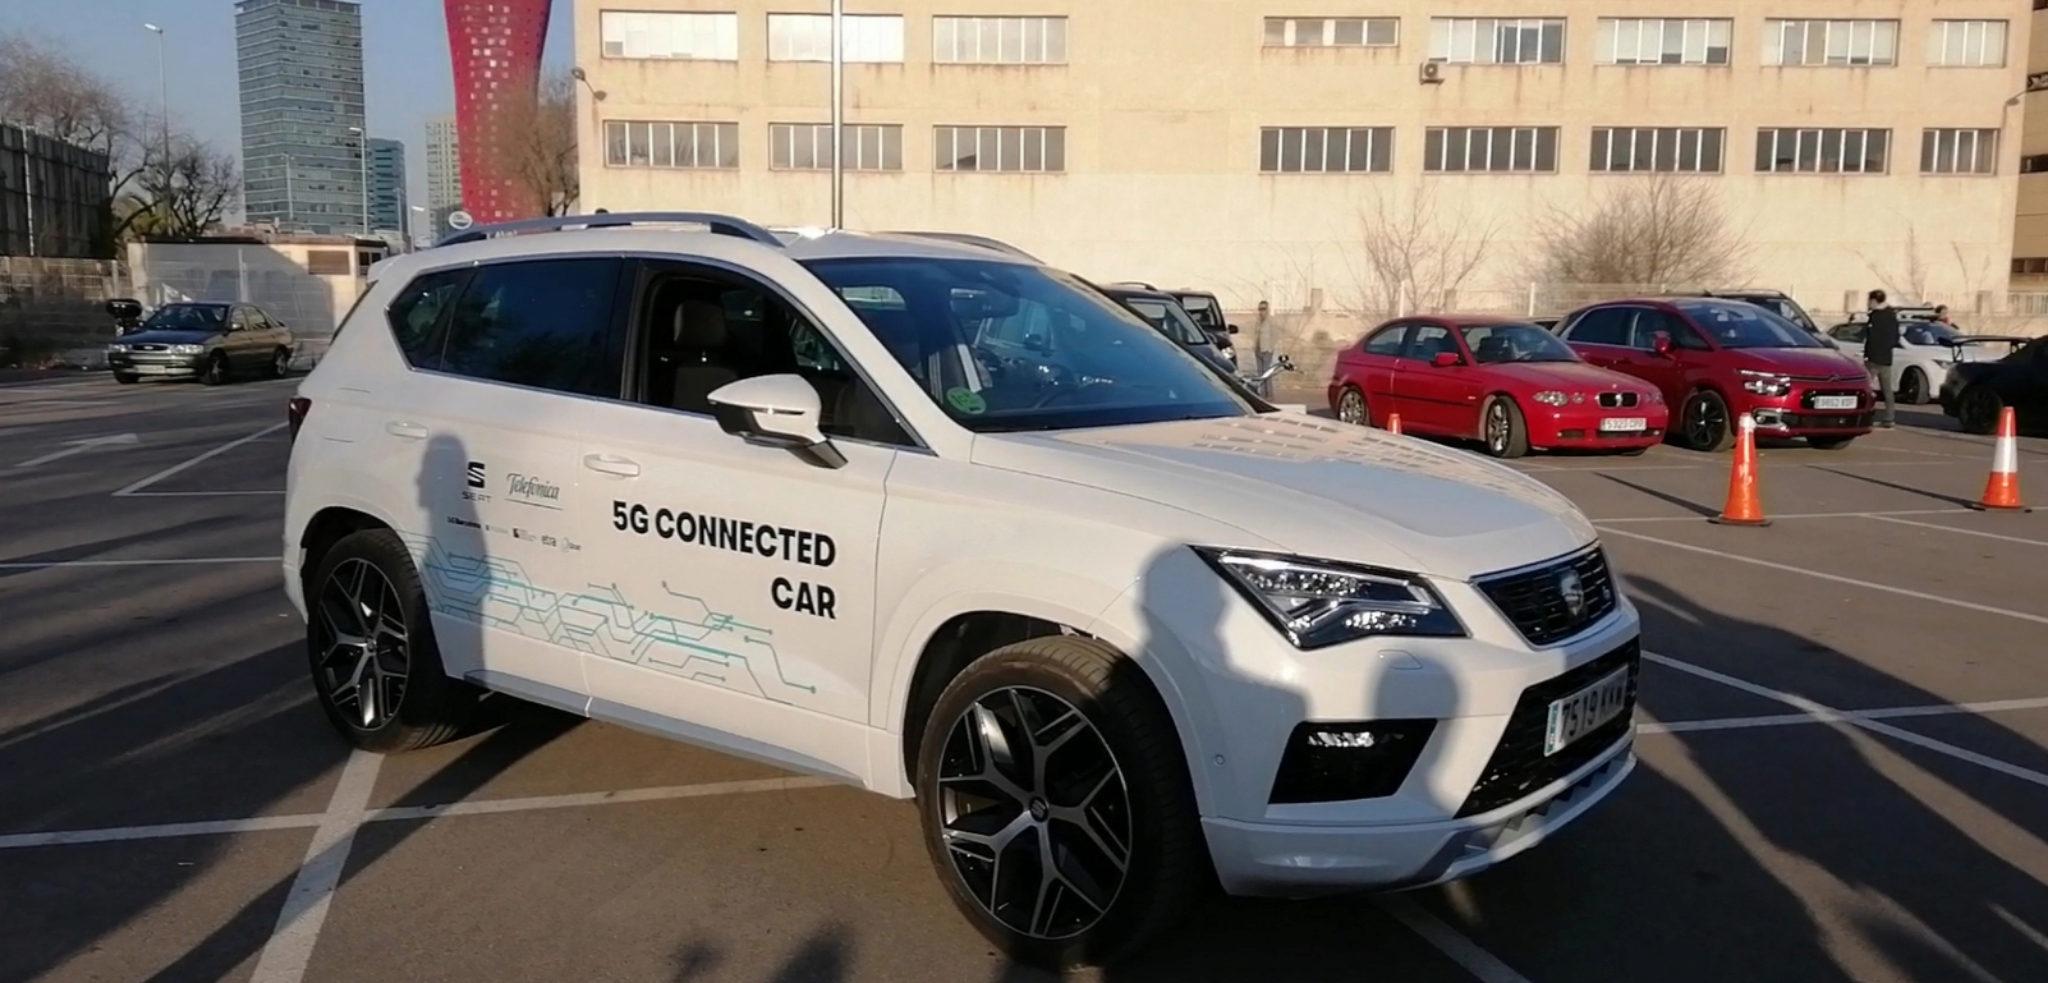 Seat Ateca piloto de coche conectacto en L'Hospitalet de Llobregat.